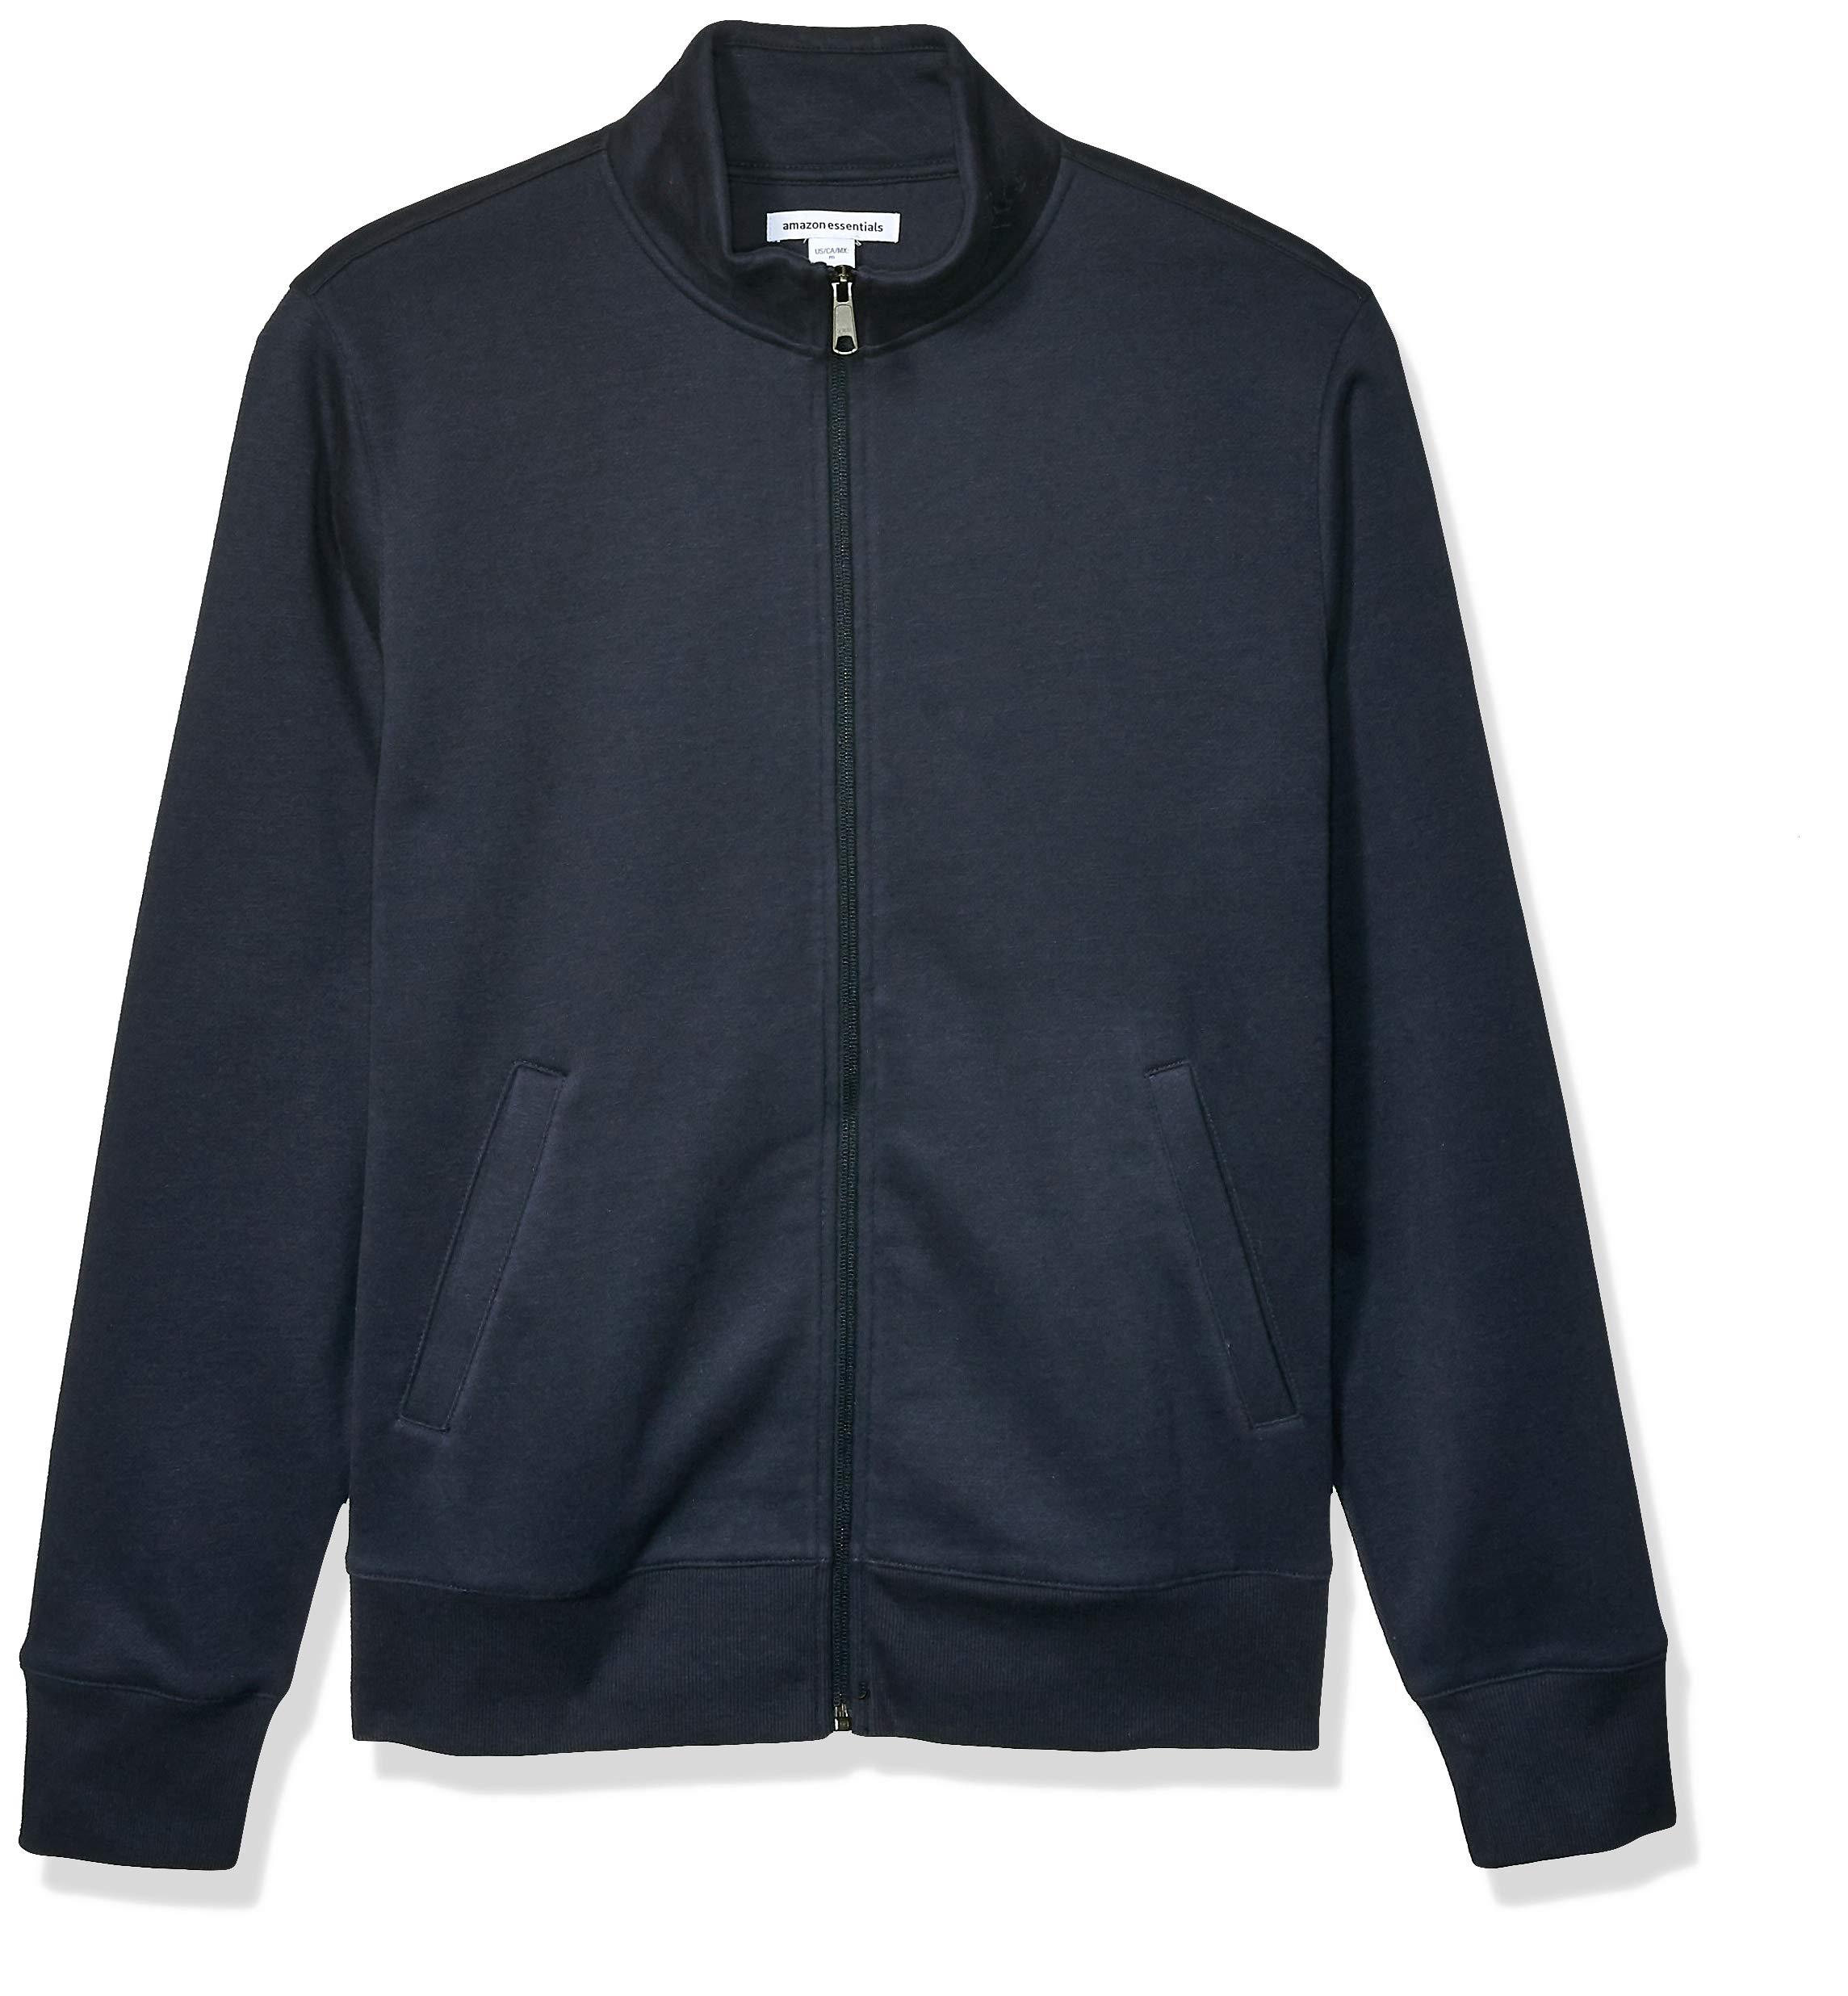 Amazon Essentials Men's Full-Zip Fleece Mock Neck Sweatshirt